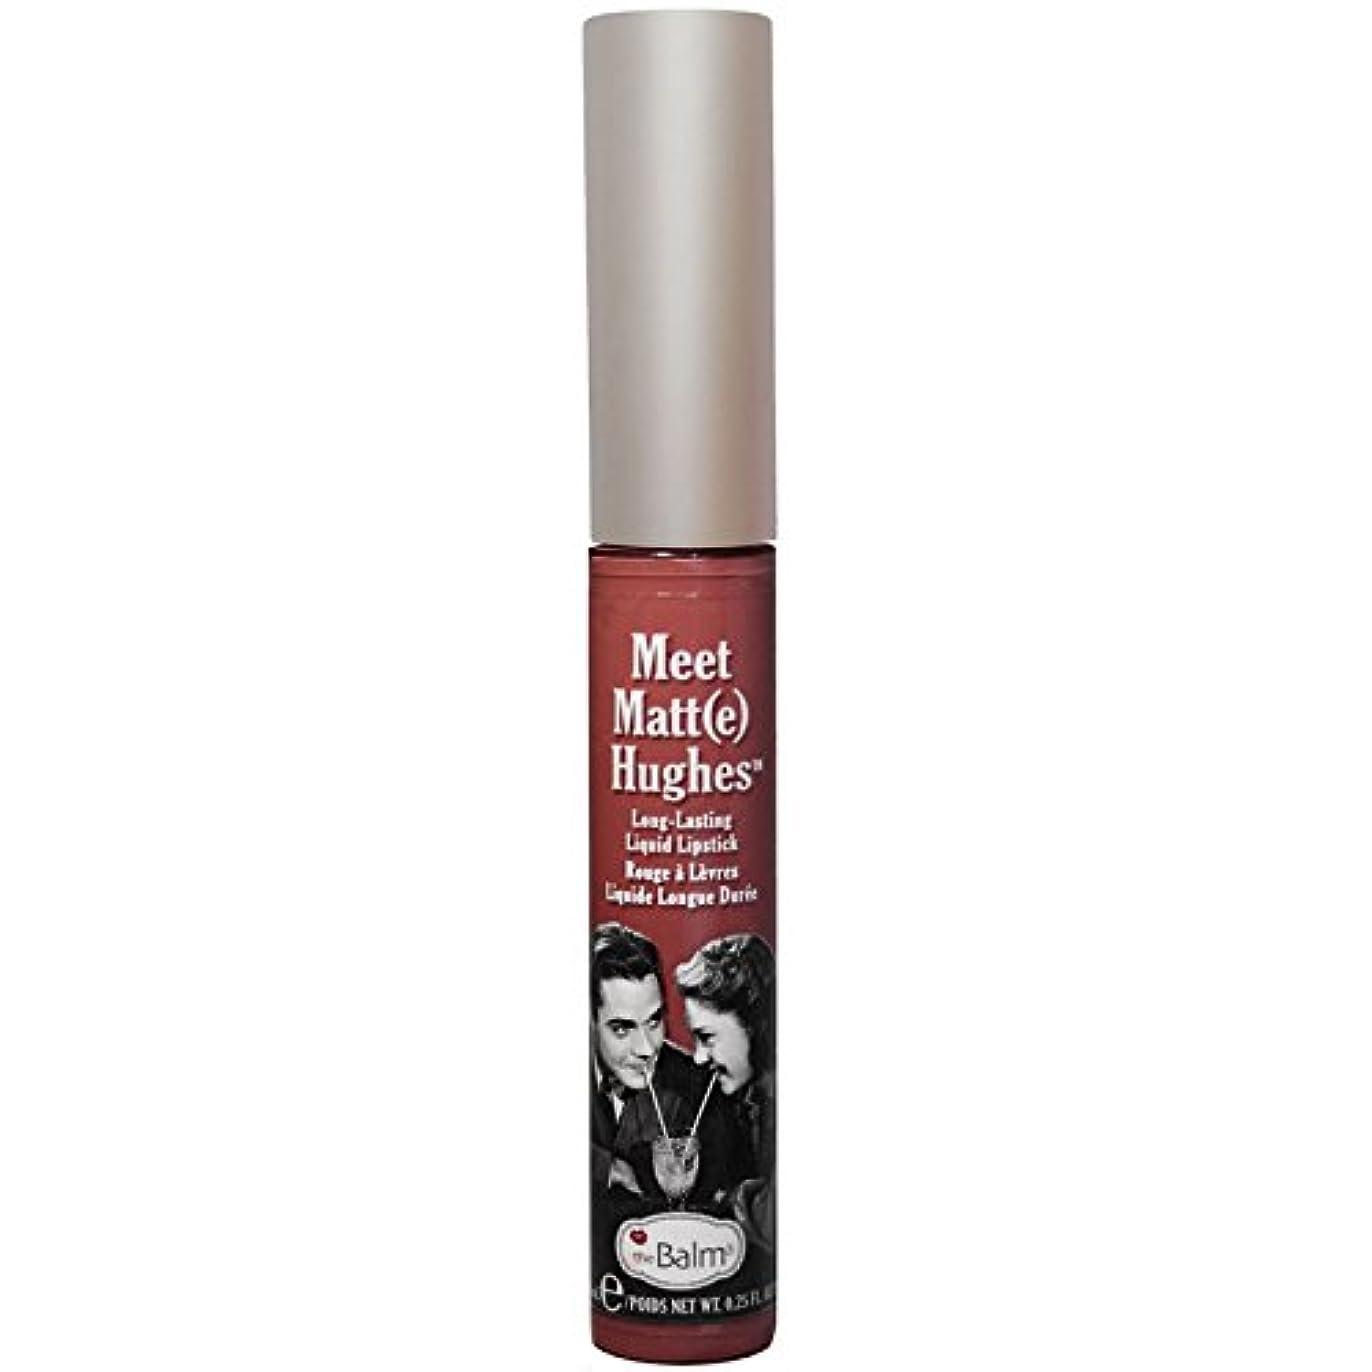 穀物誰がレイtheBalm - Meet Matt(e) Hughes Long-Lasting Liquid Lipstick Trustworthy [並行輸入品]